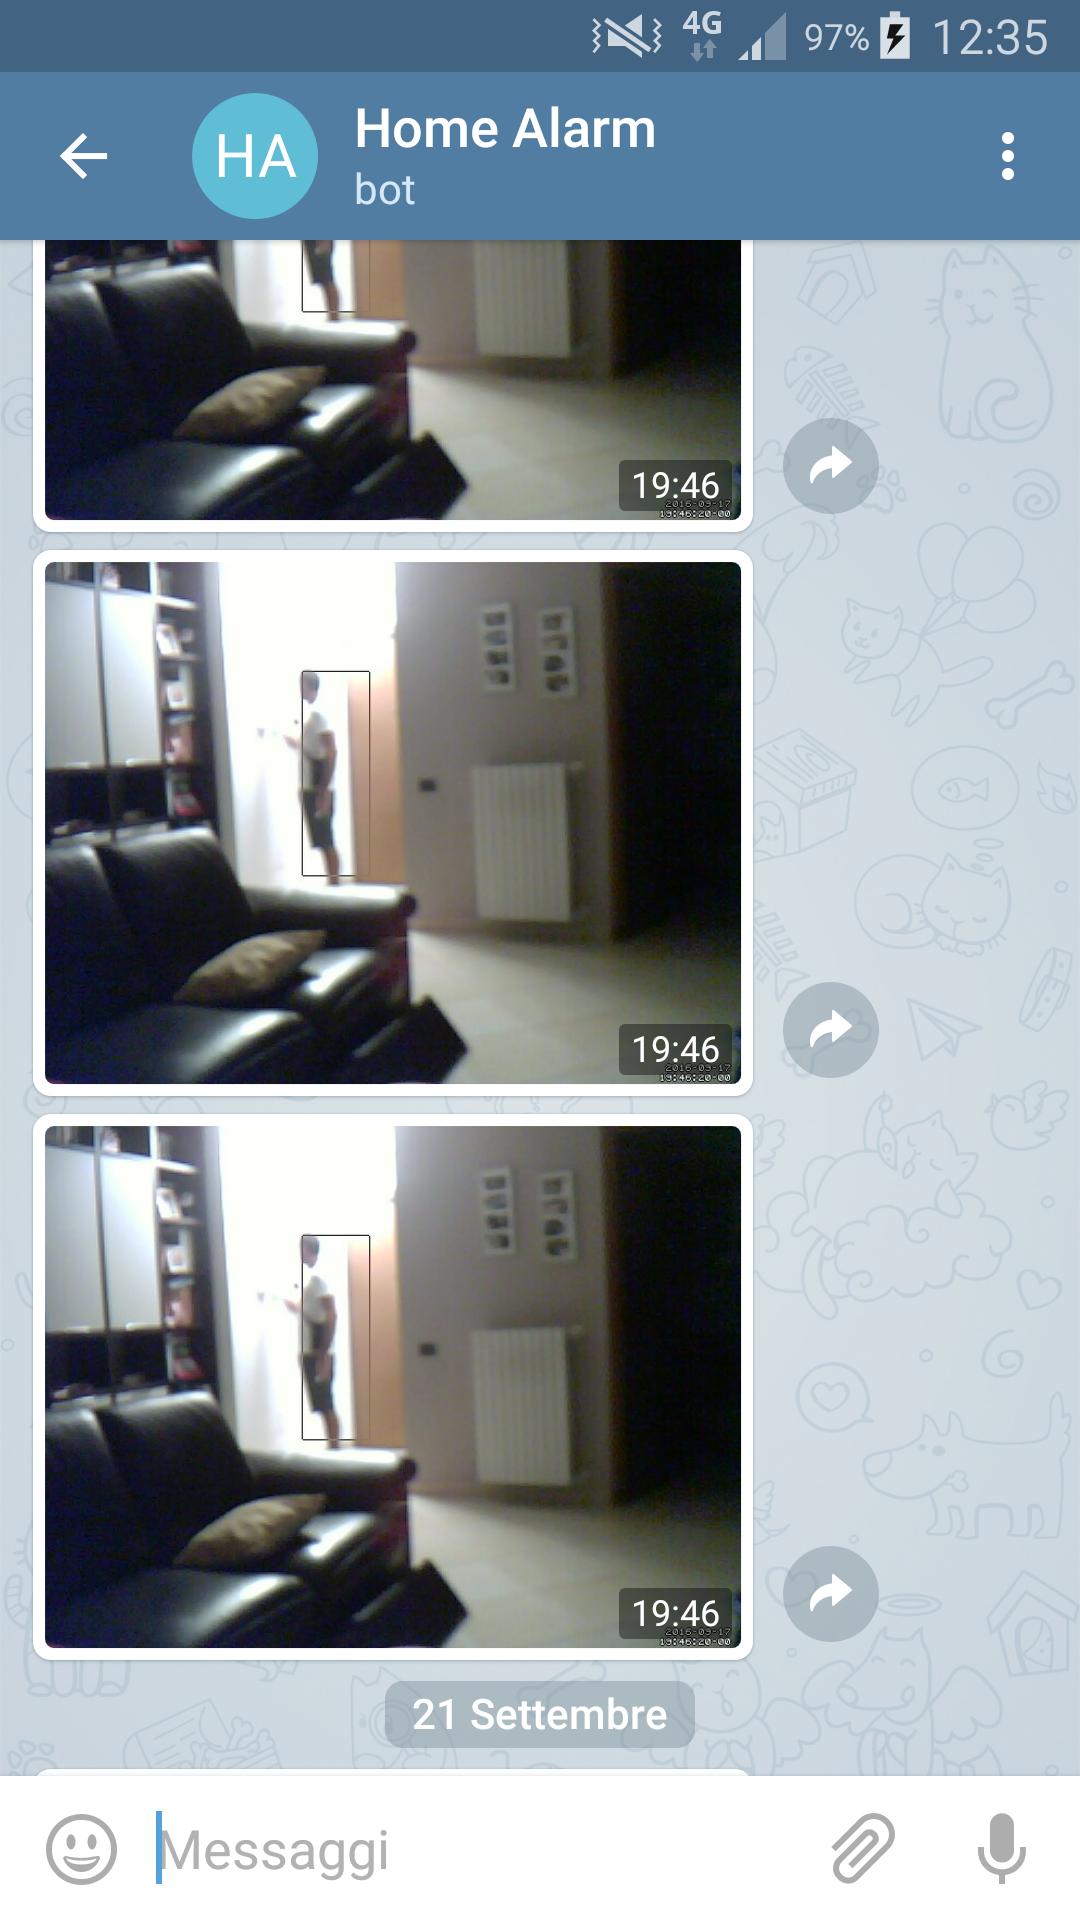 allarme intrusione con foto sullo smartphone attraverso telegram